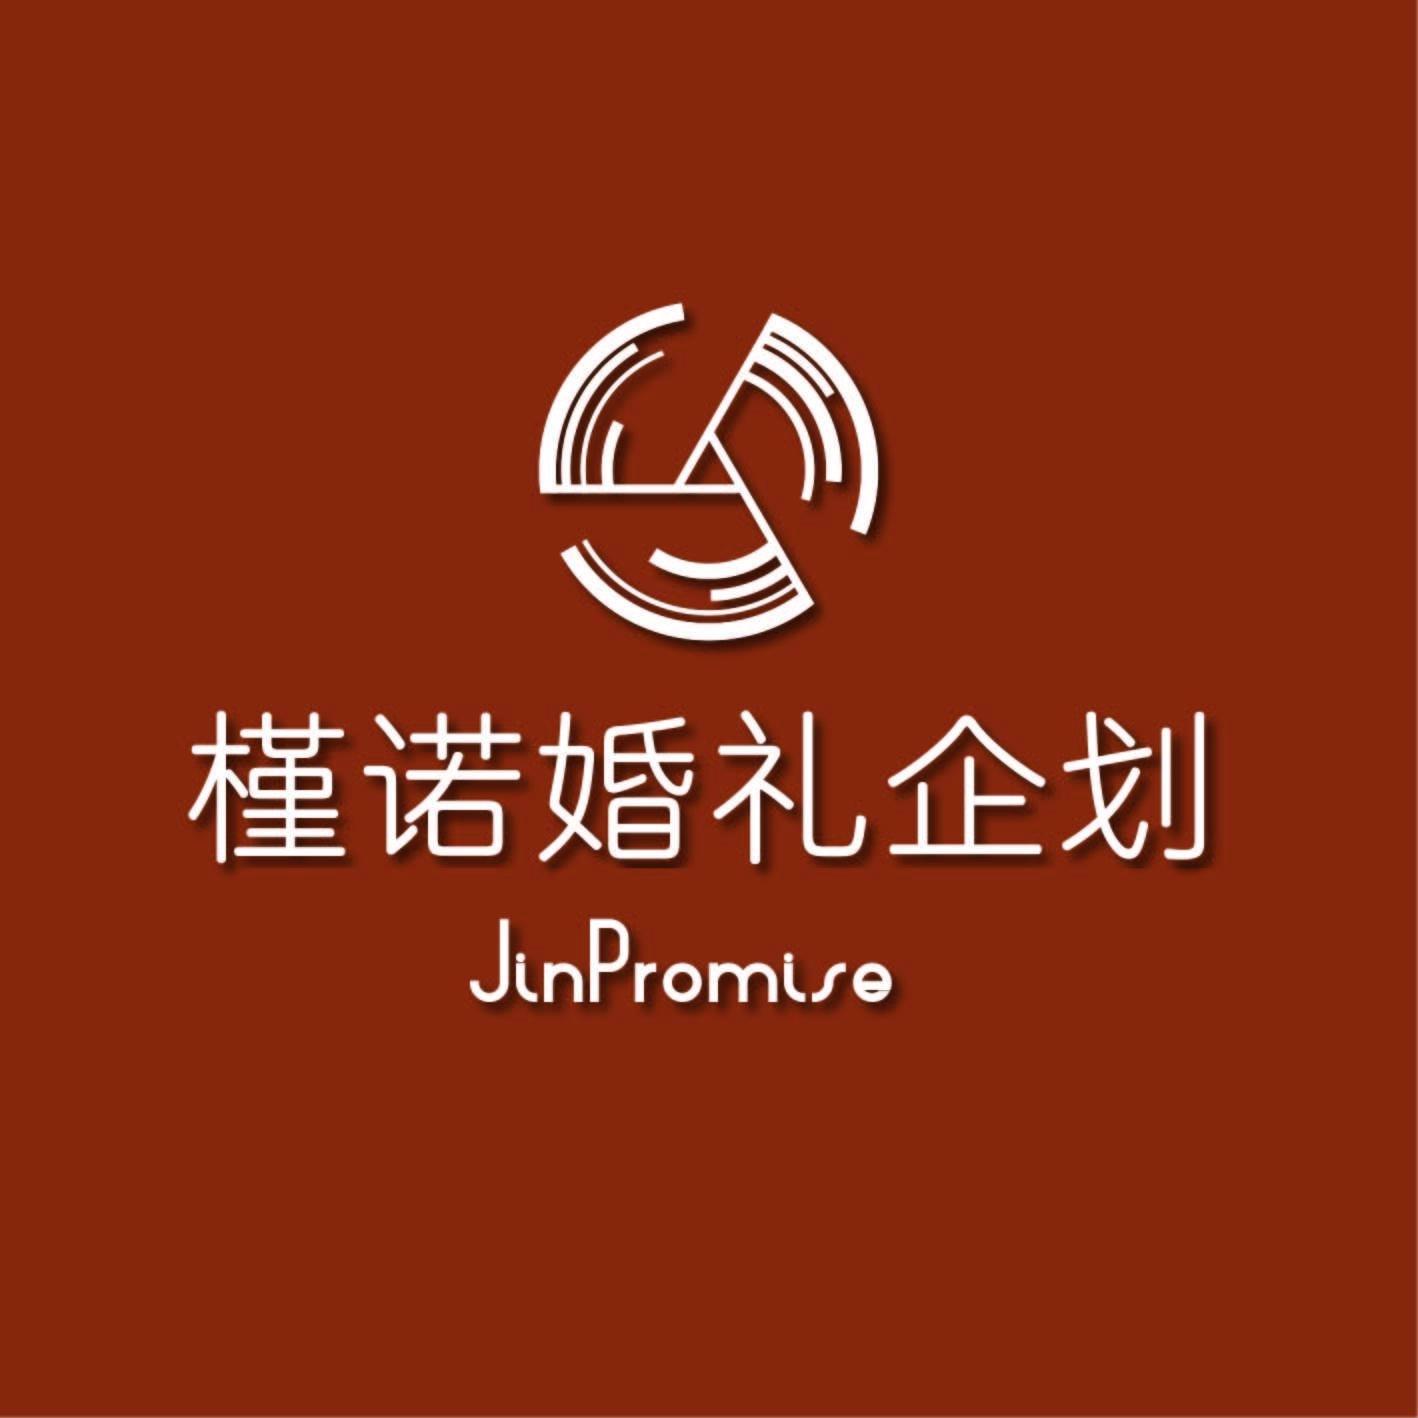 槿诺婚礼企划JinPromise